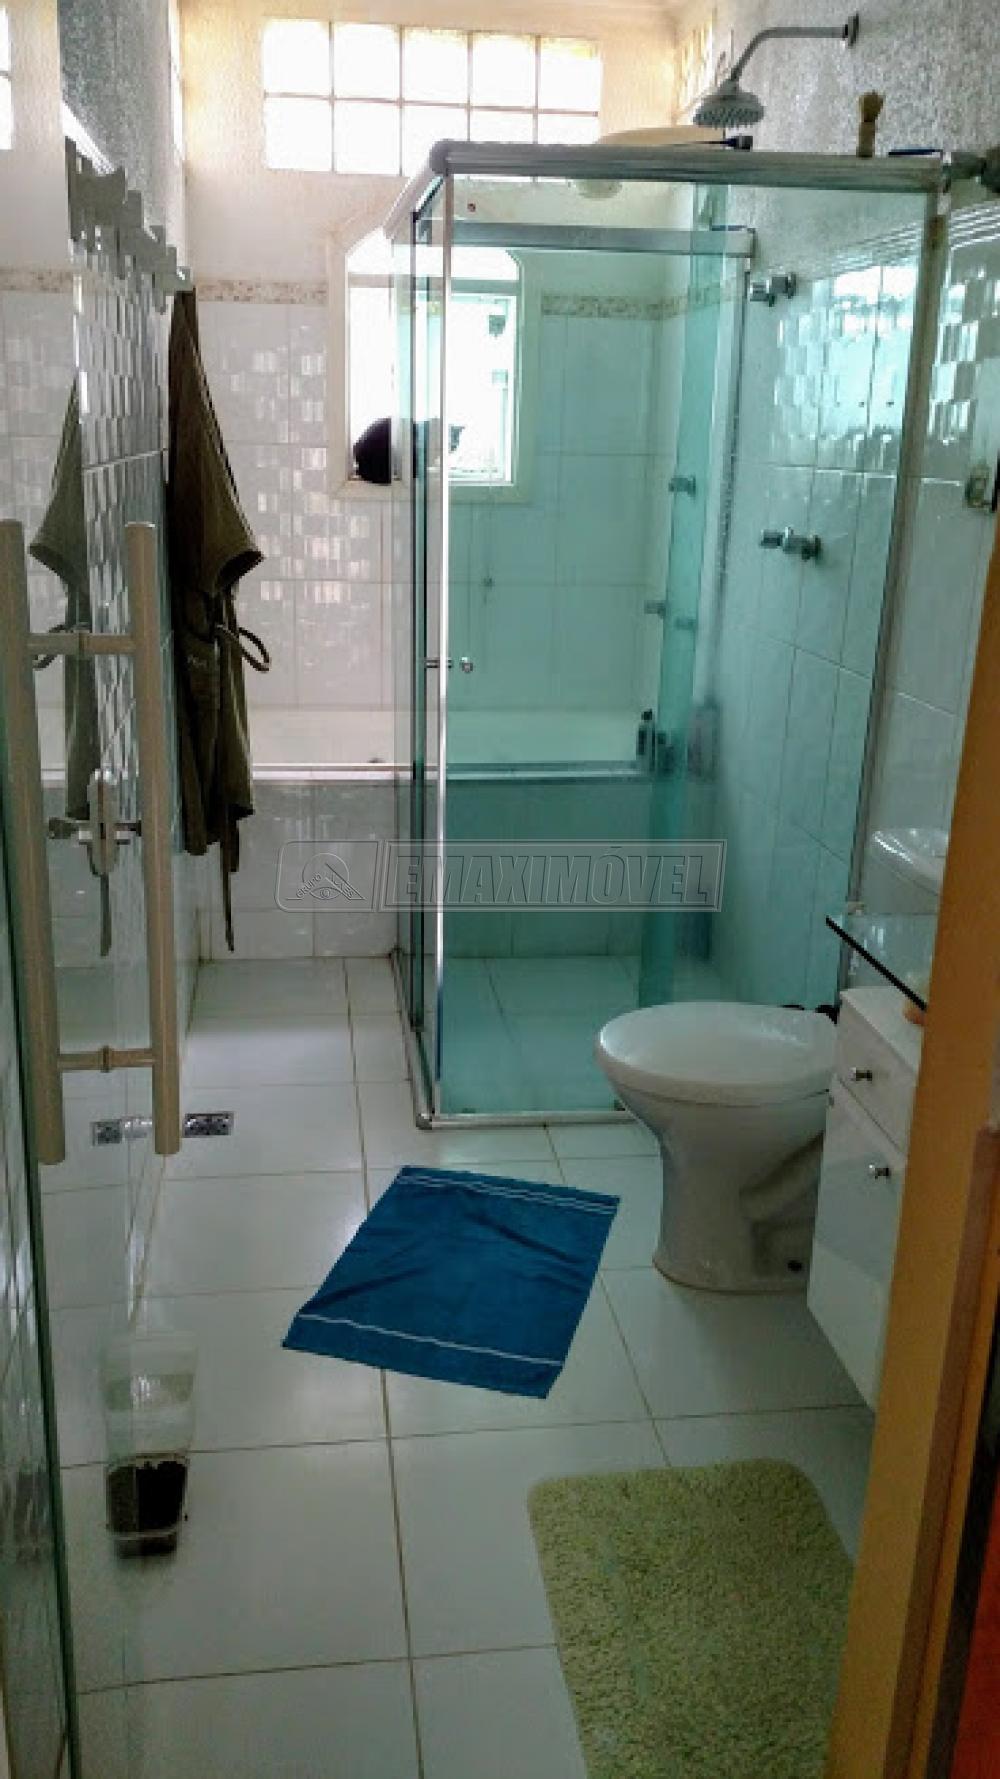 Comprar Casas / em Condomínios em Itu apenas R$ 1.800.000,00 - Foto 11